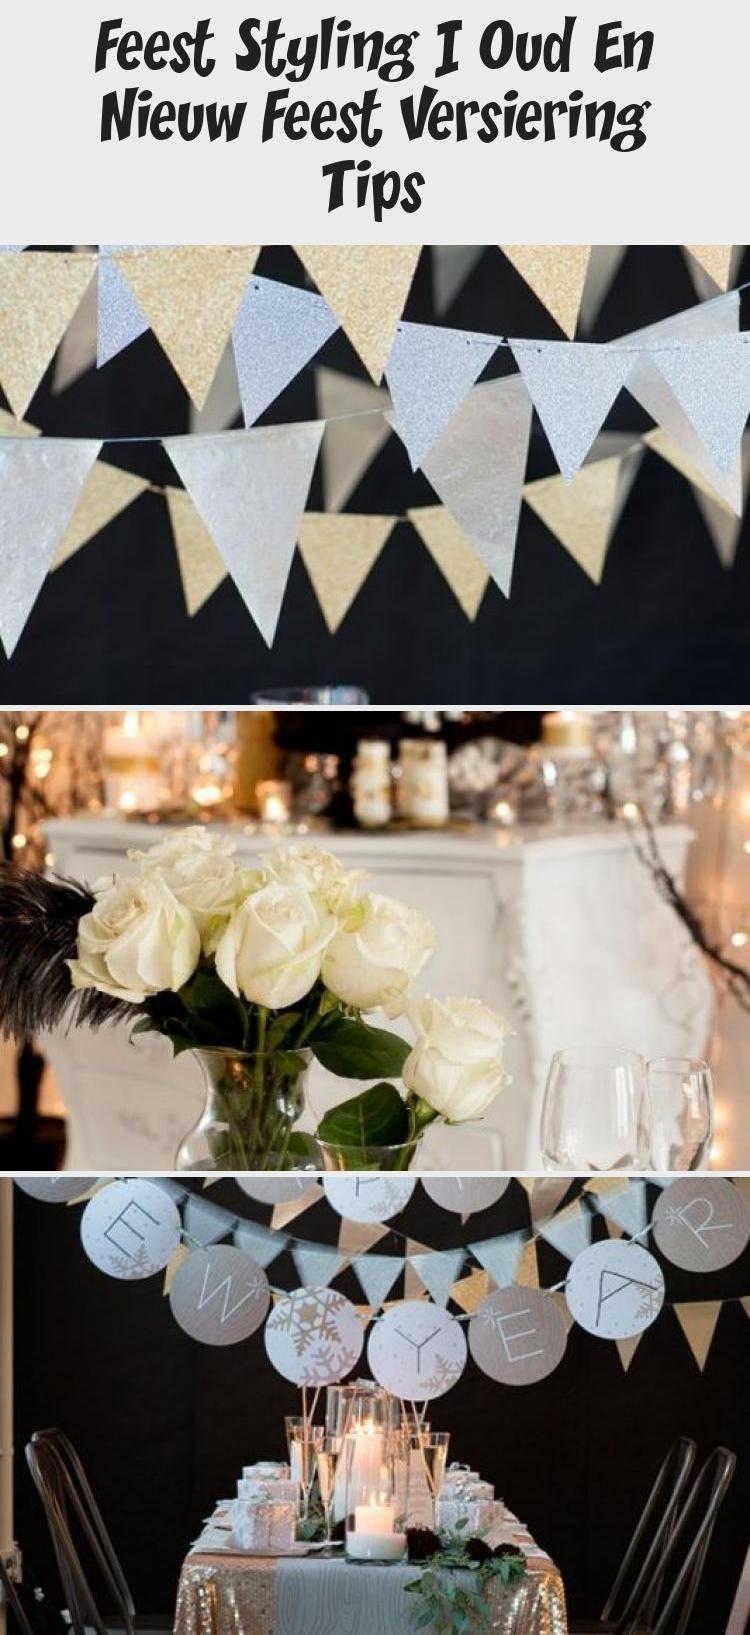 Feest Styling Oud En Nieuw Feest Versiering Tips Wedding Ideas Versieringen Decoratie Decoreren